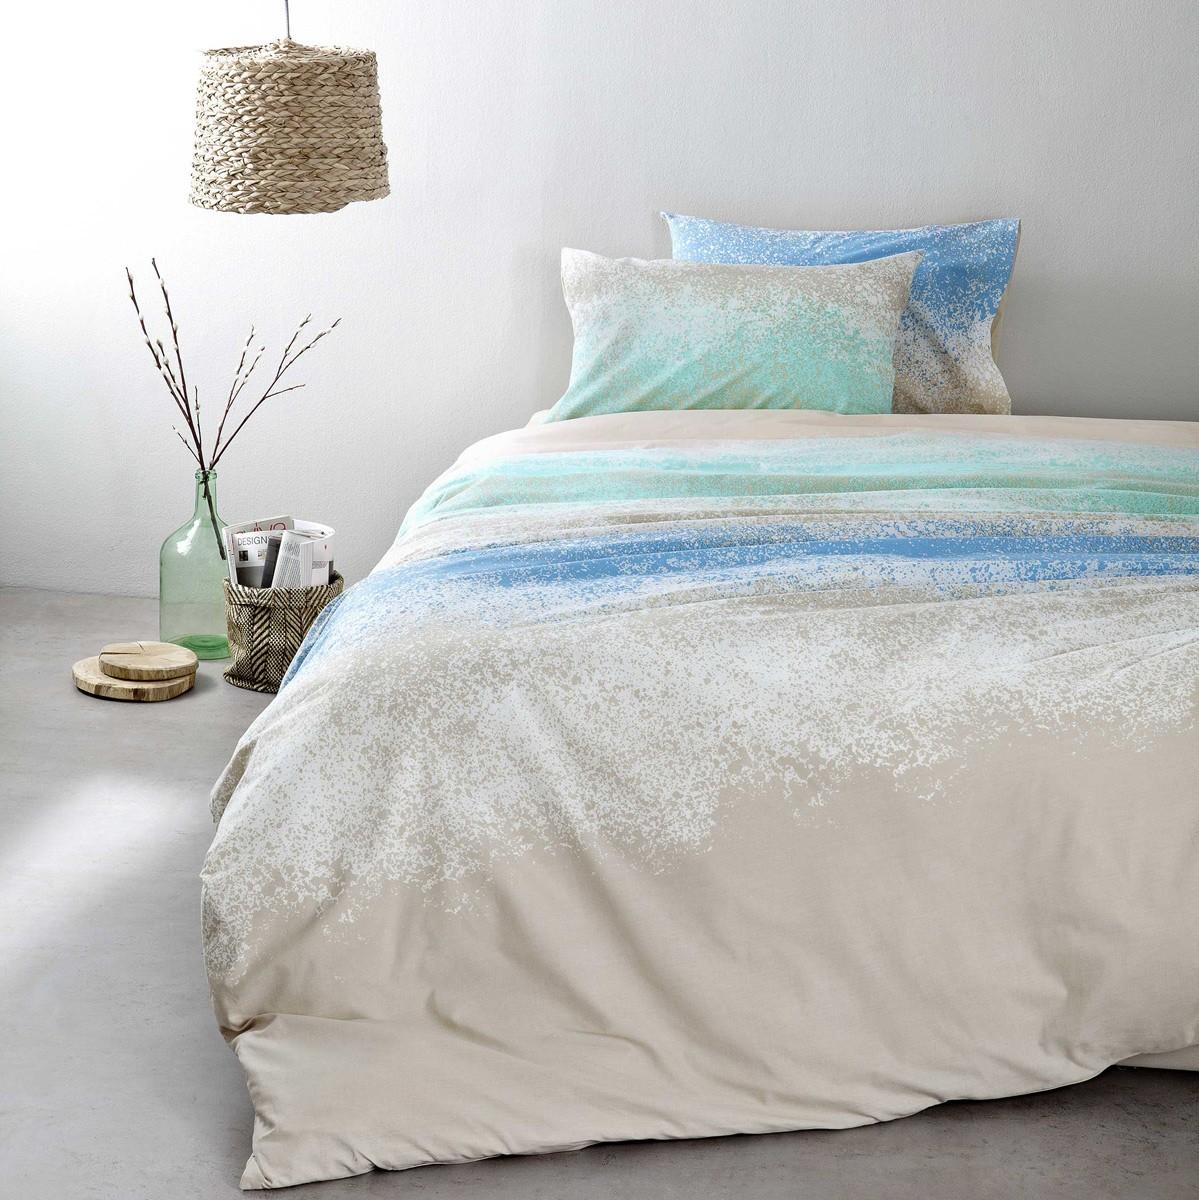 Σεντόνια Μονά (Σετ) Nima Bed Linen Samoa Blue ΜΕ ΛΑΣΤΙΧΟ ΜΕ ΛΑΣΤΙΧΟ